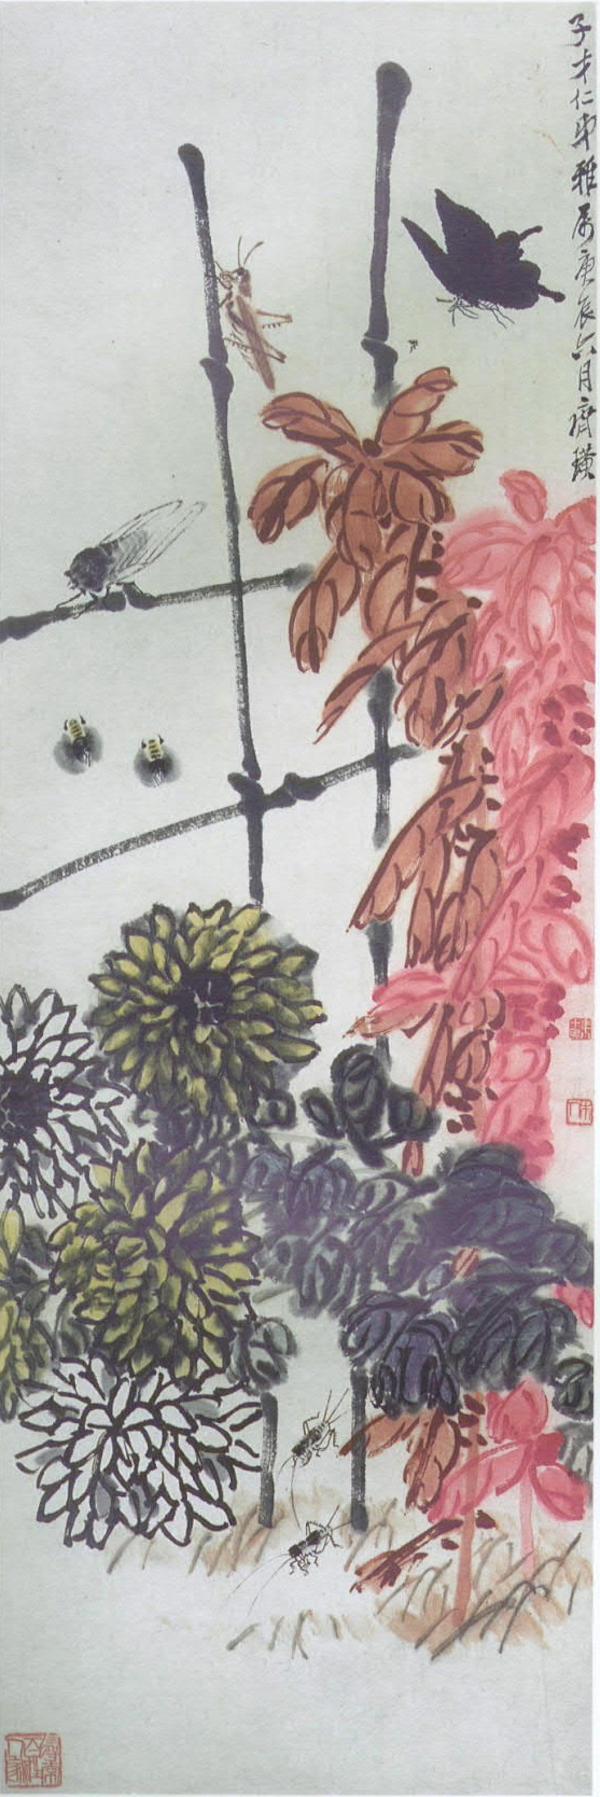 (图二十齐白石,《秋声图》,纸本设色,1940年,首都博物馆藏)